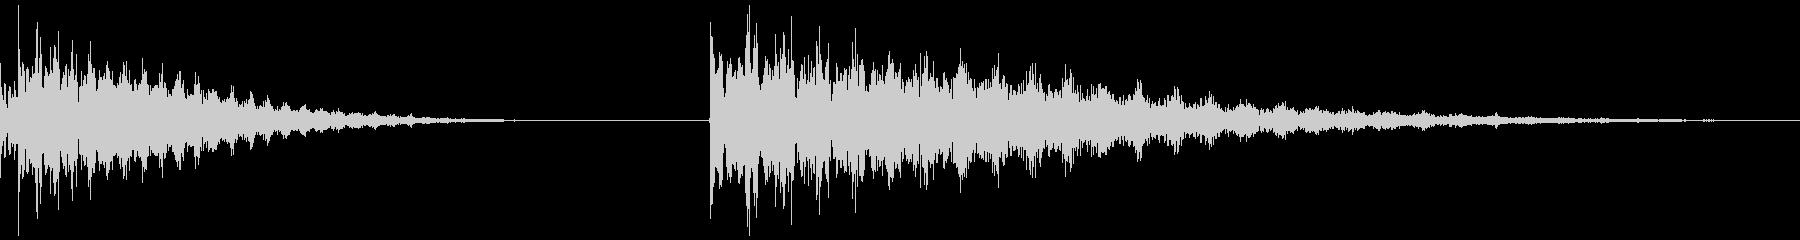 周波数エコー、低、2バージョン、低...の未再生の波形